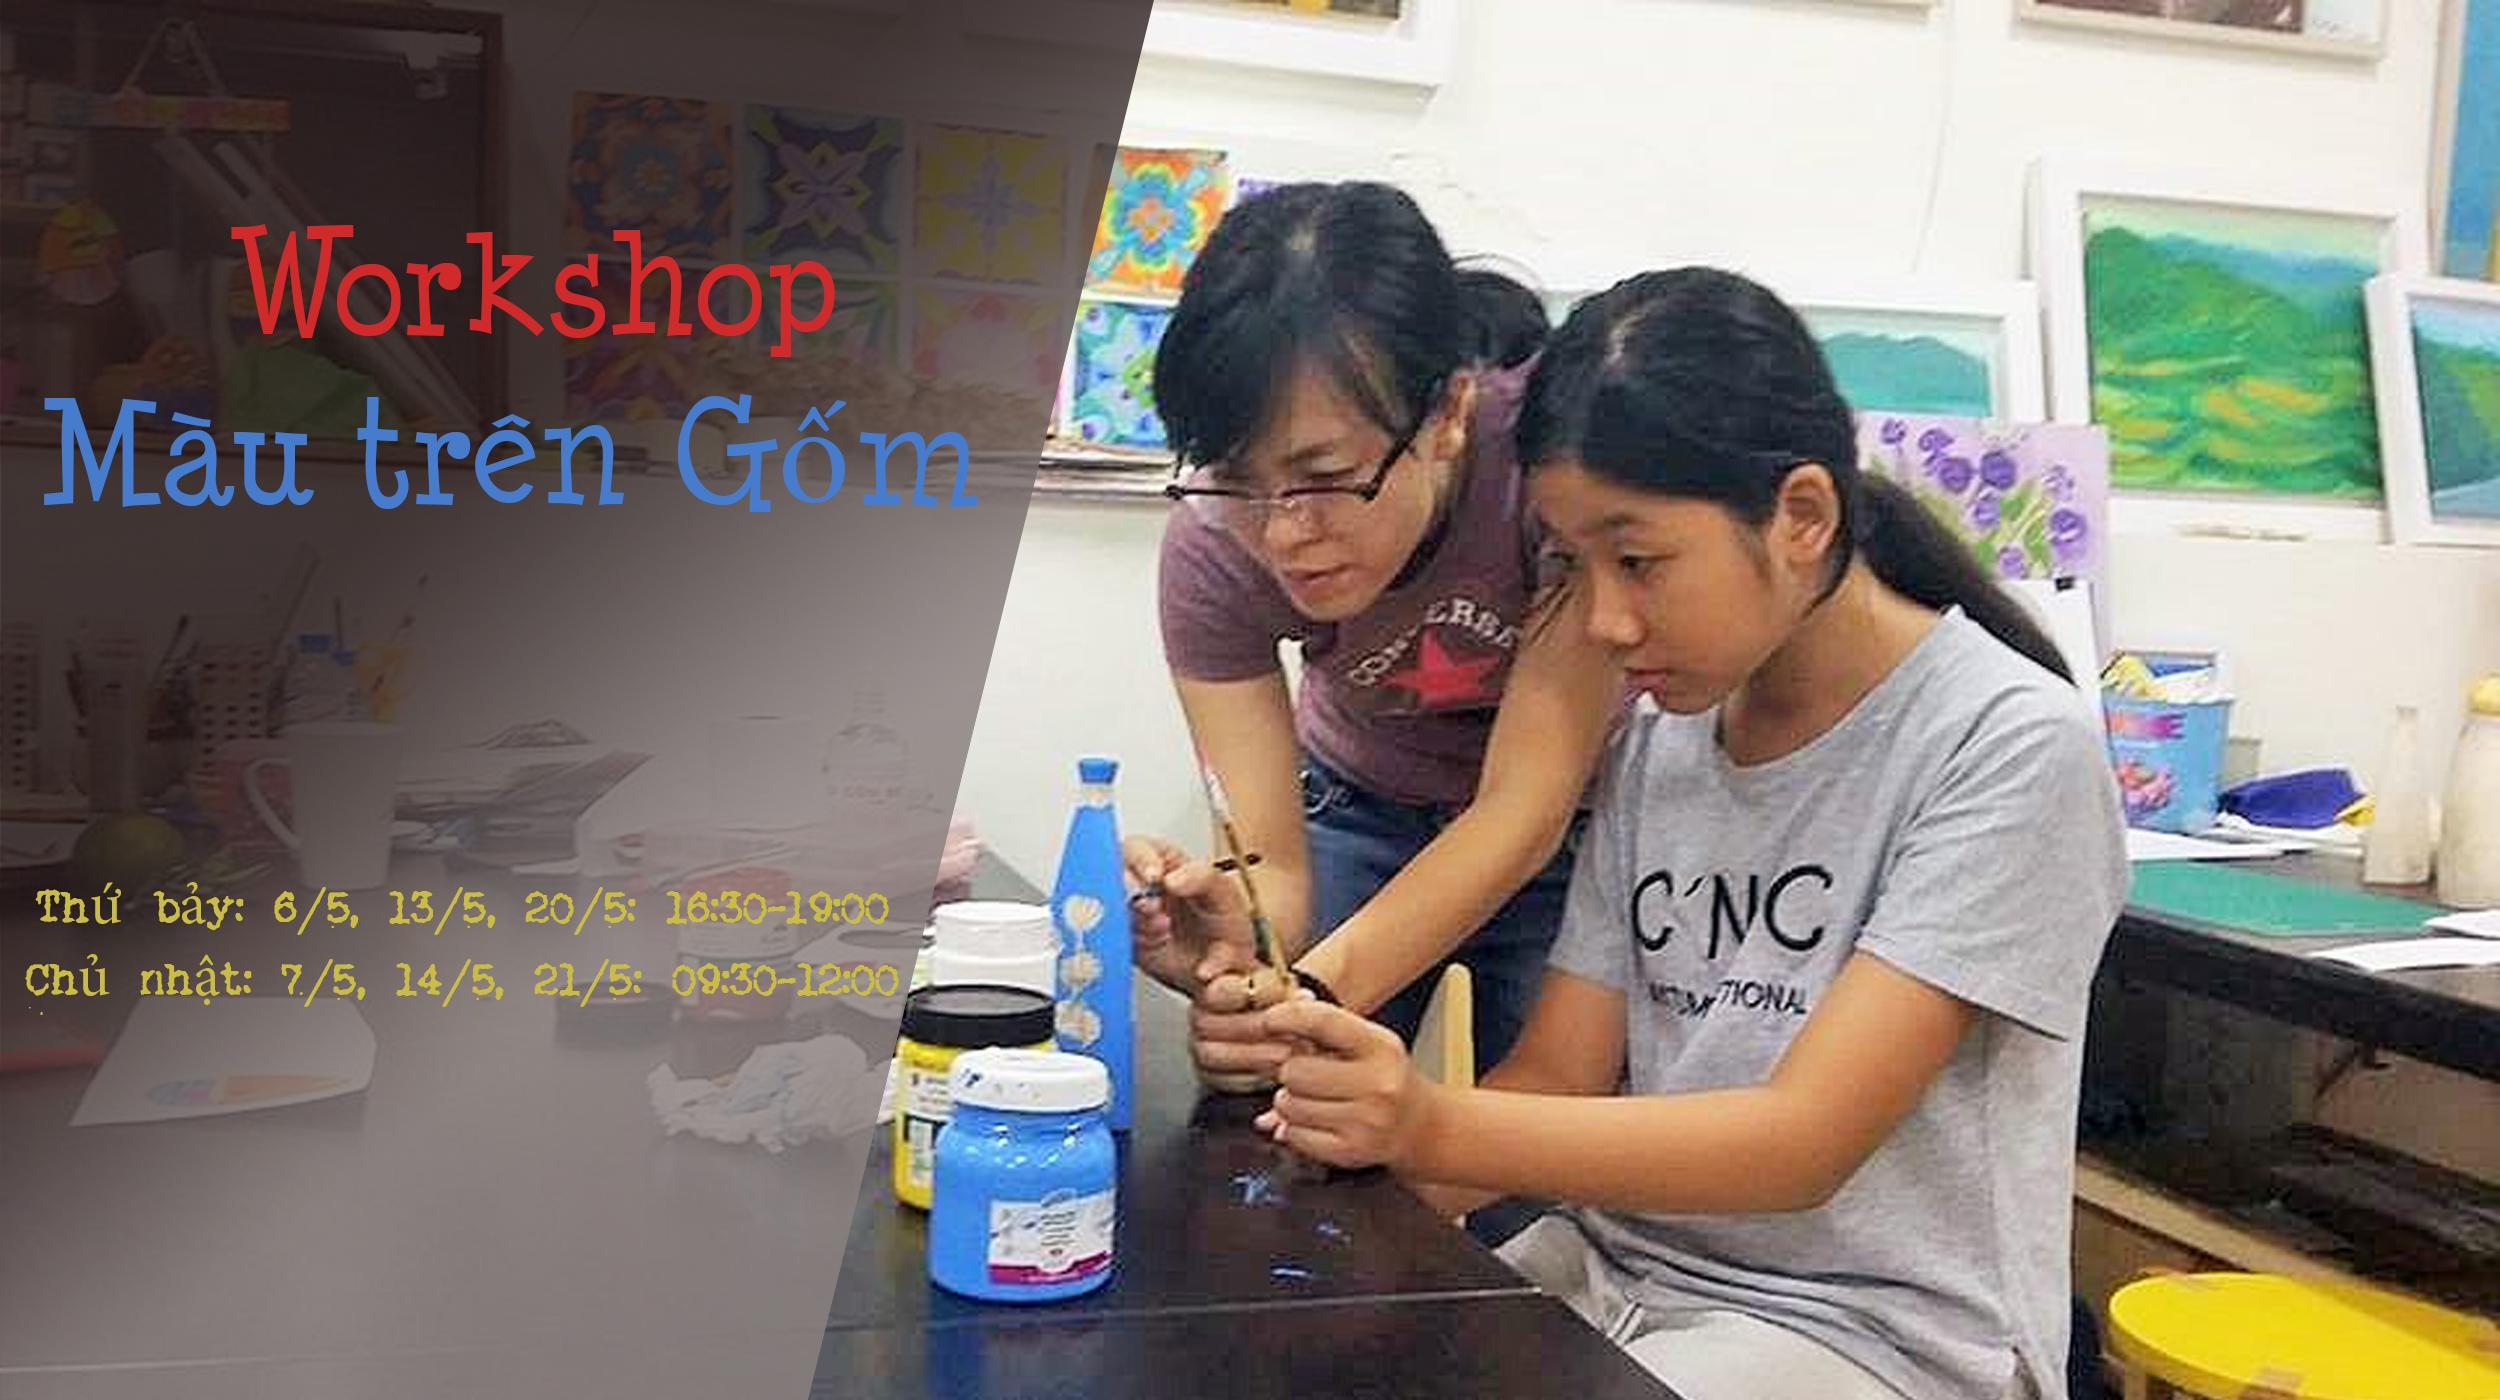 [HCM] Workshop Màu Trên Gốm